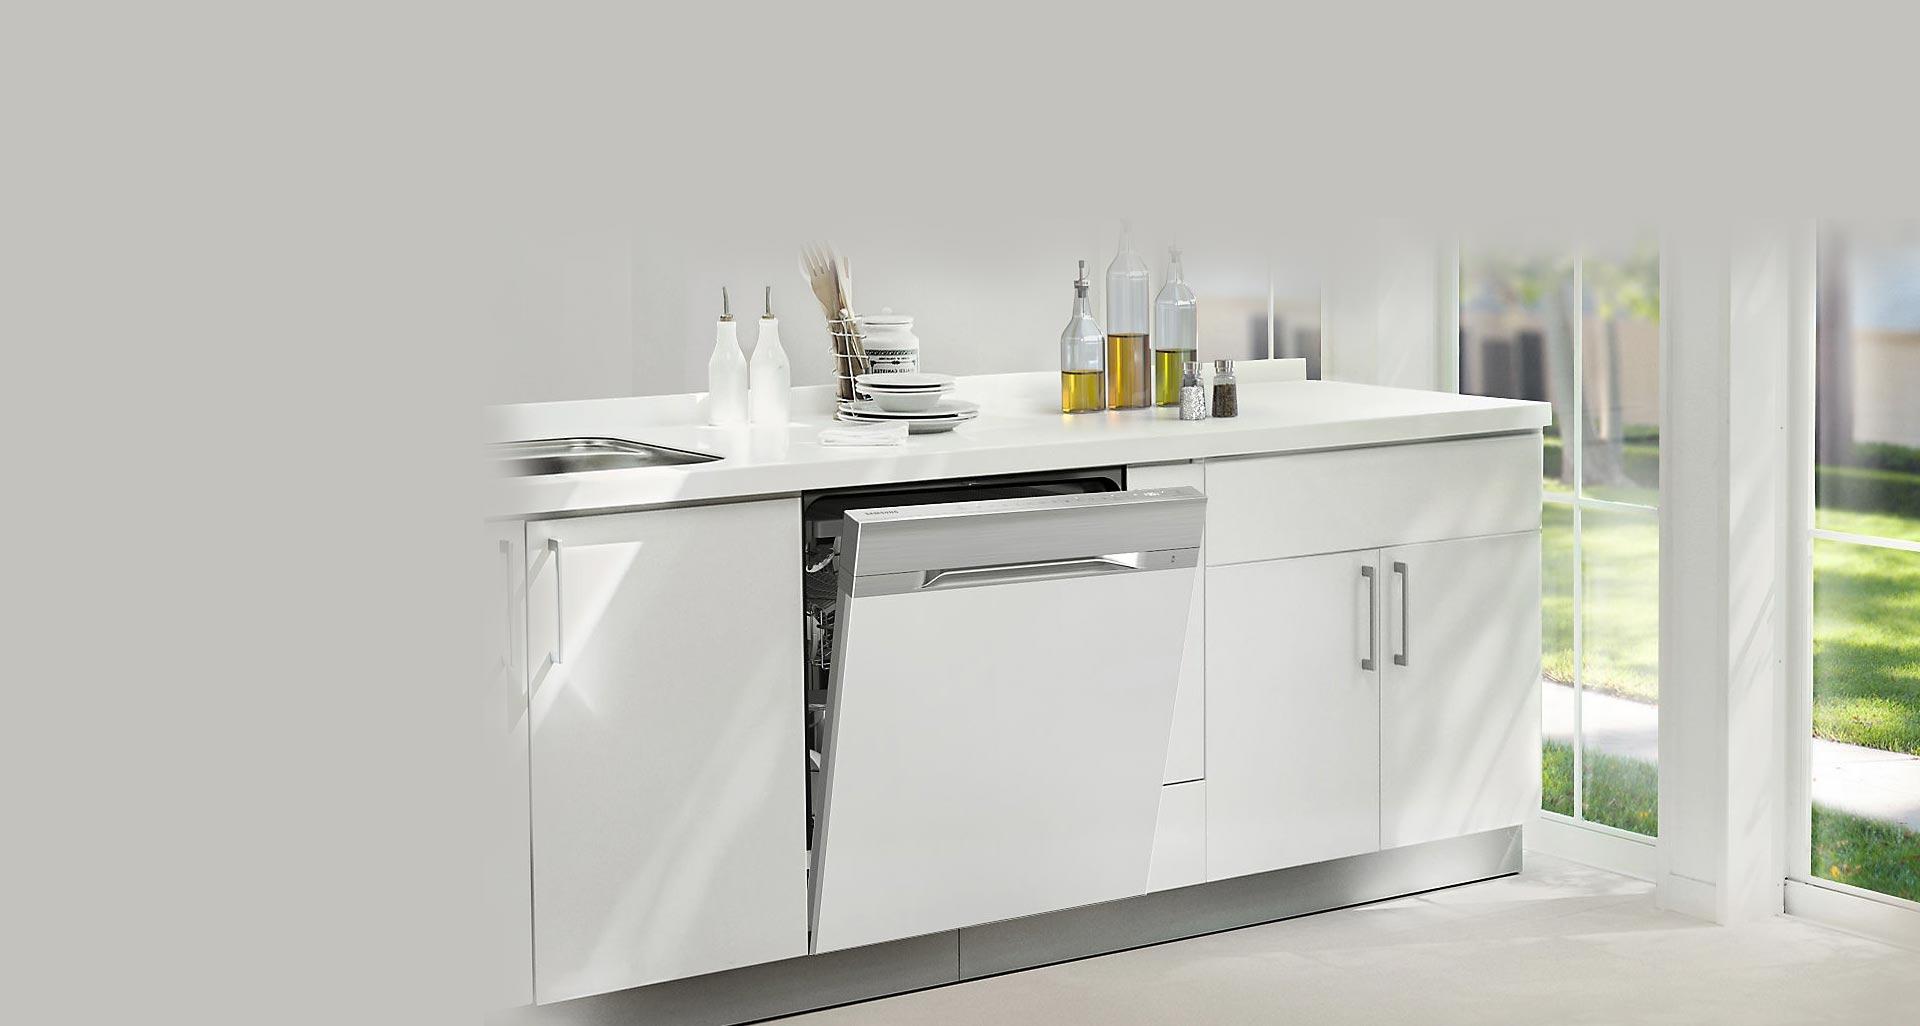 ماشین ظرفشویی WaterWall مناسب برای خانه مدرن